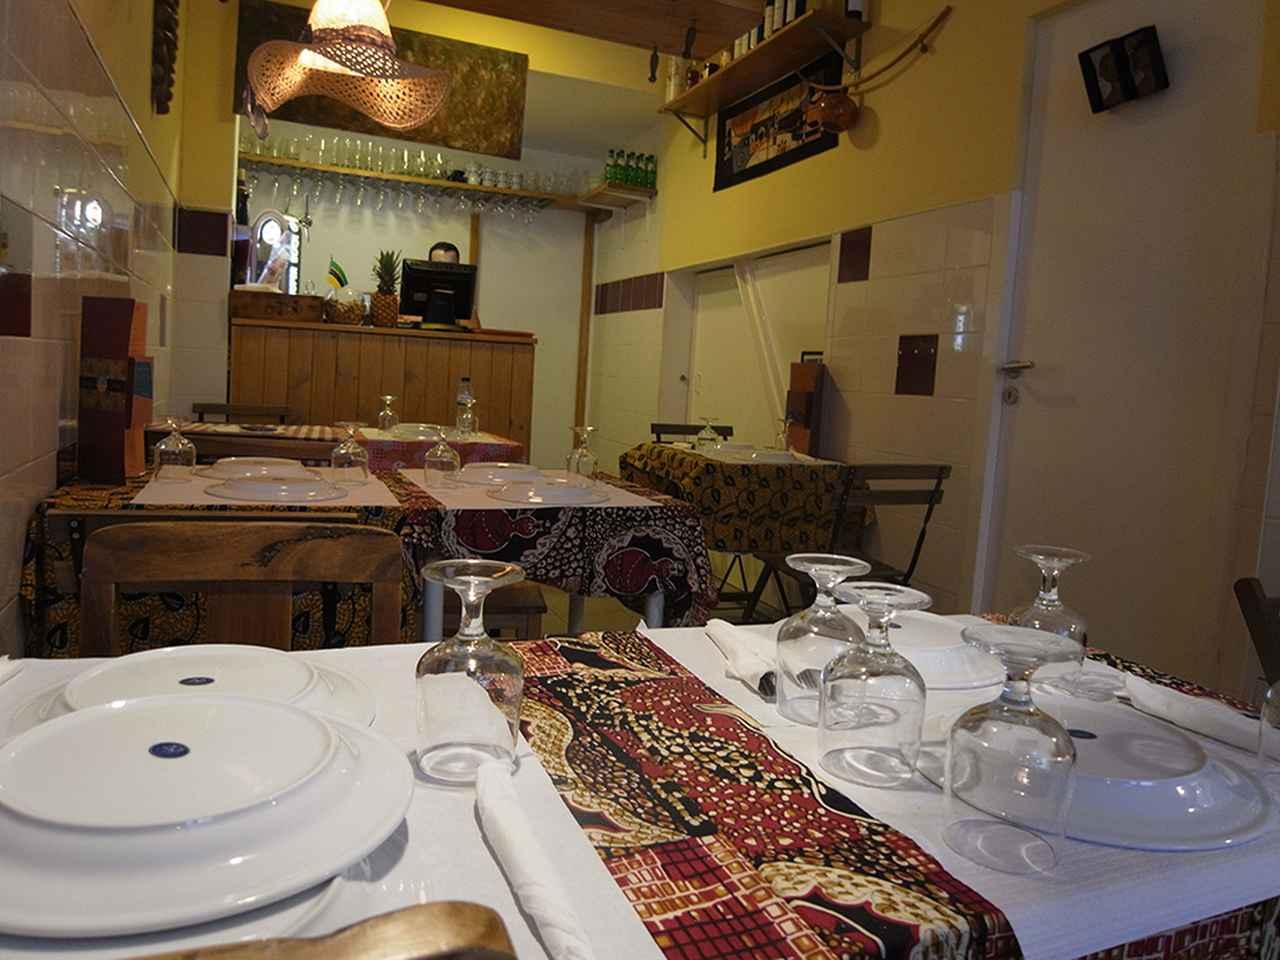 画像: ポルトガルのアフリカ料理店「Roda Viva」内観